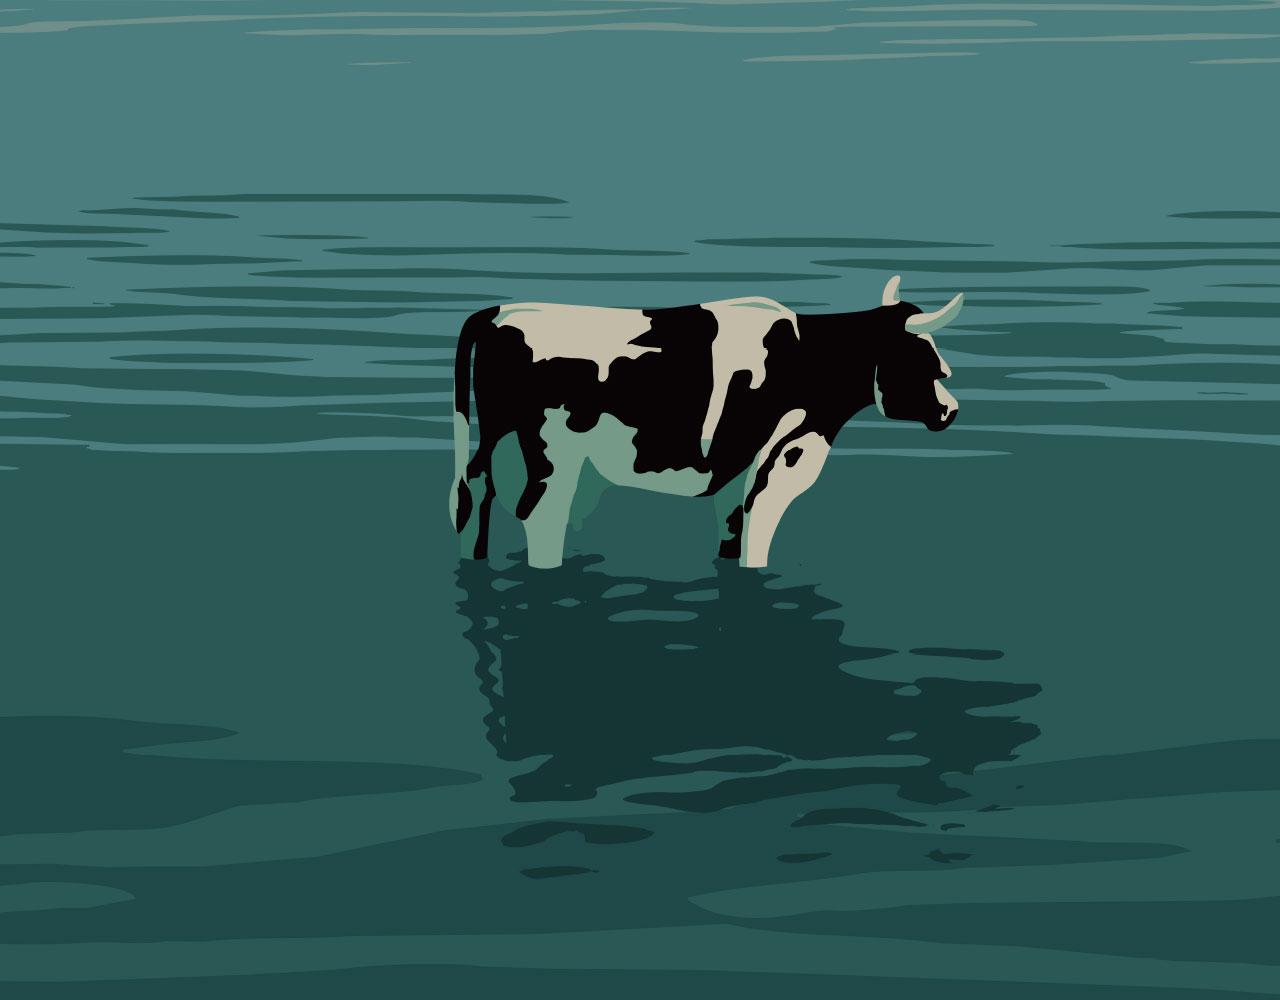 Rein dekoratives Element. Zu sehen ist ein Ausschnitt aus dem Plakat zur zugehörigen Veranstaltung. Auf diesem ist eine Zeichnung zu sehen, welche eine Kuh abbildet, die wiederum bis knapp unter die Knie im Wasser steht.